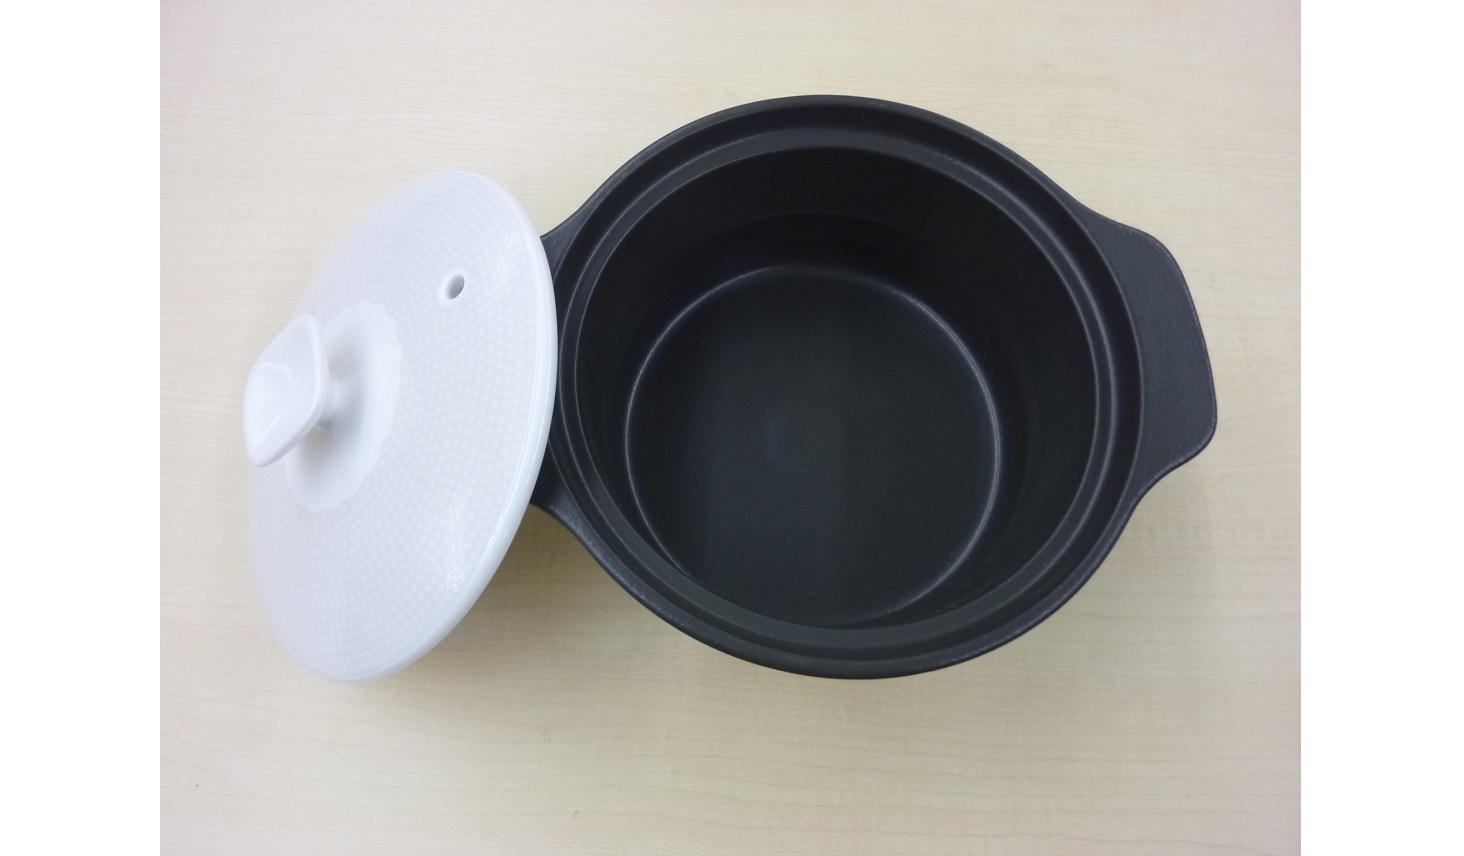 電子レンジで使える鍋